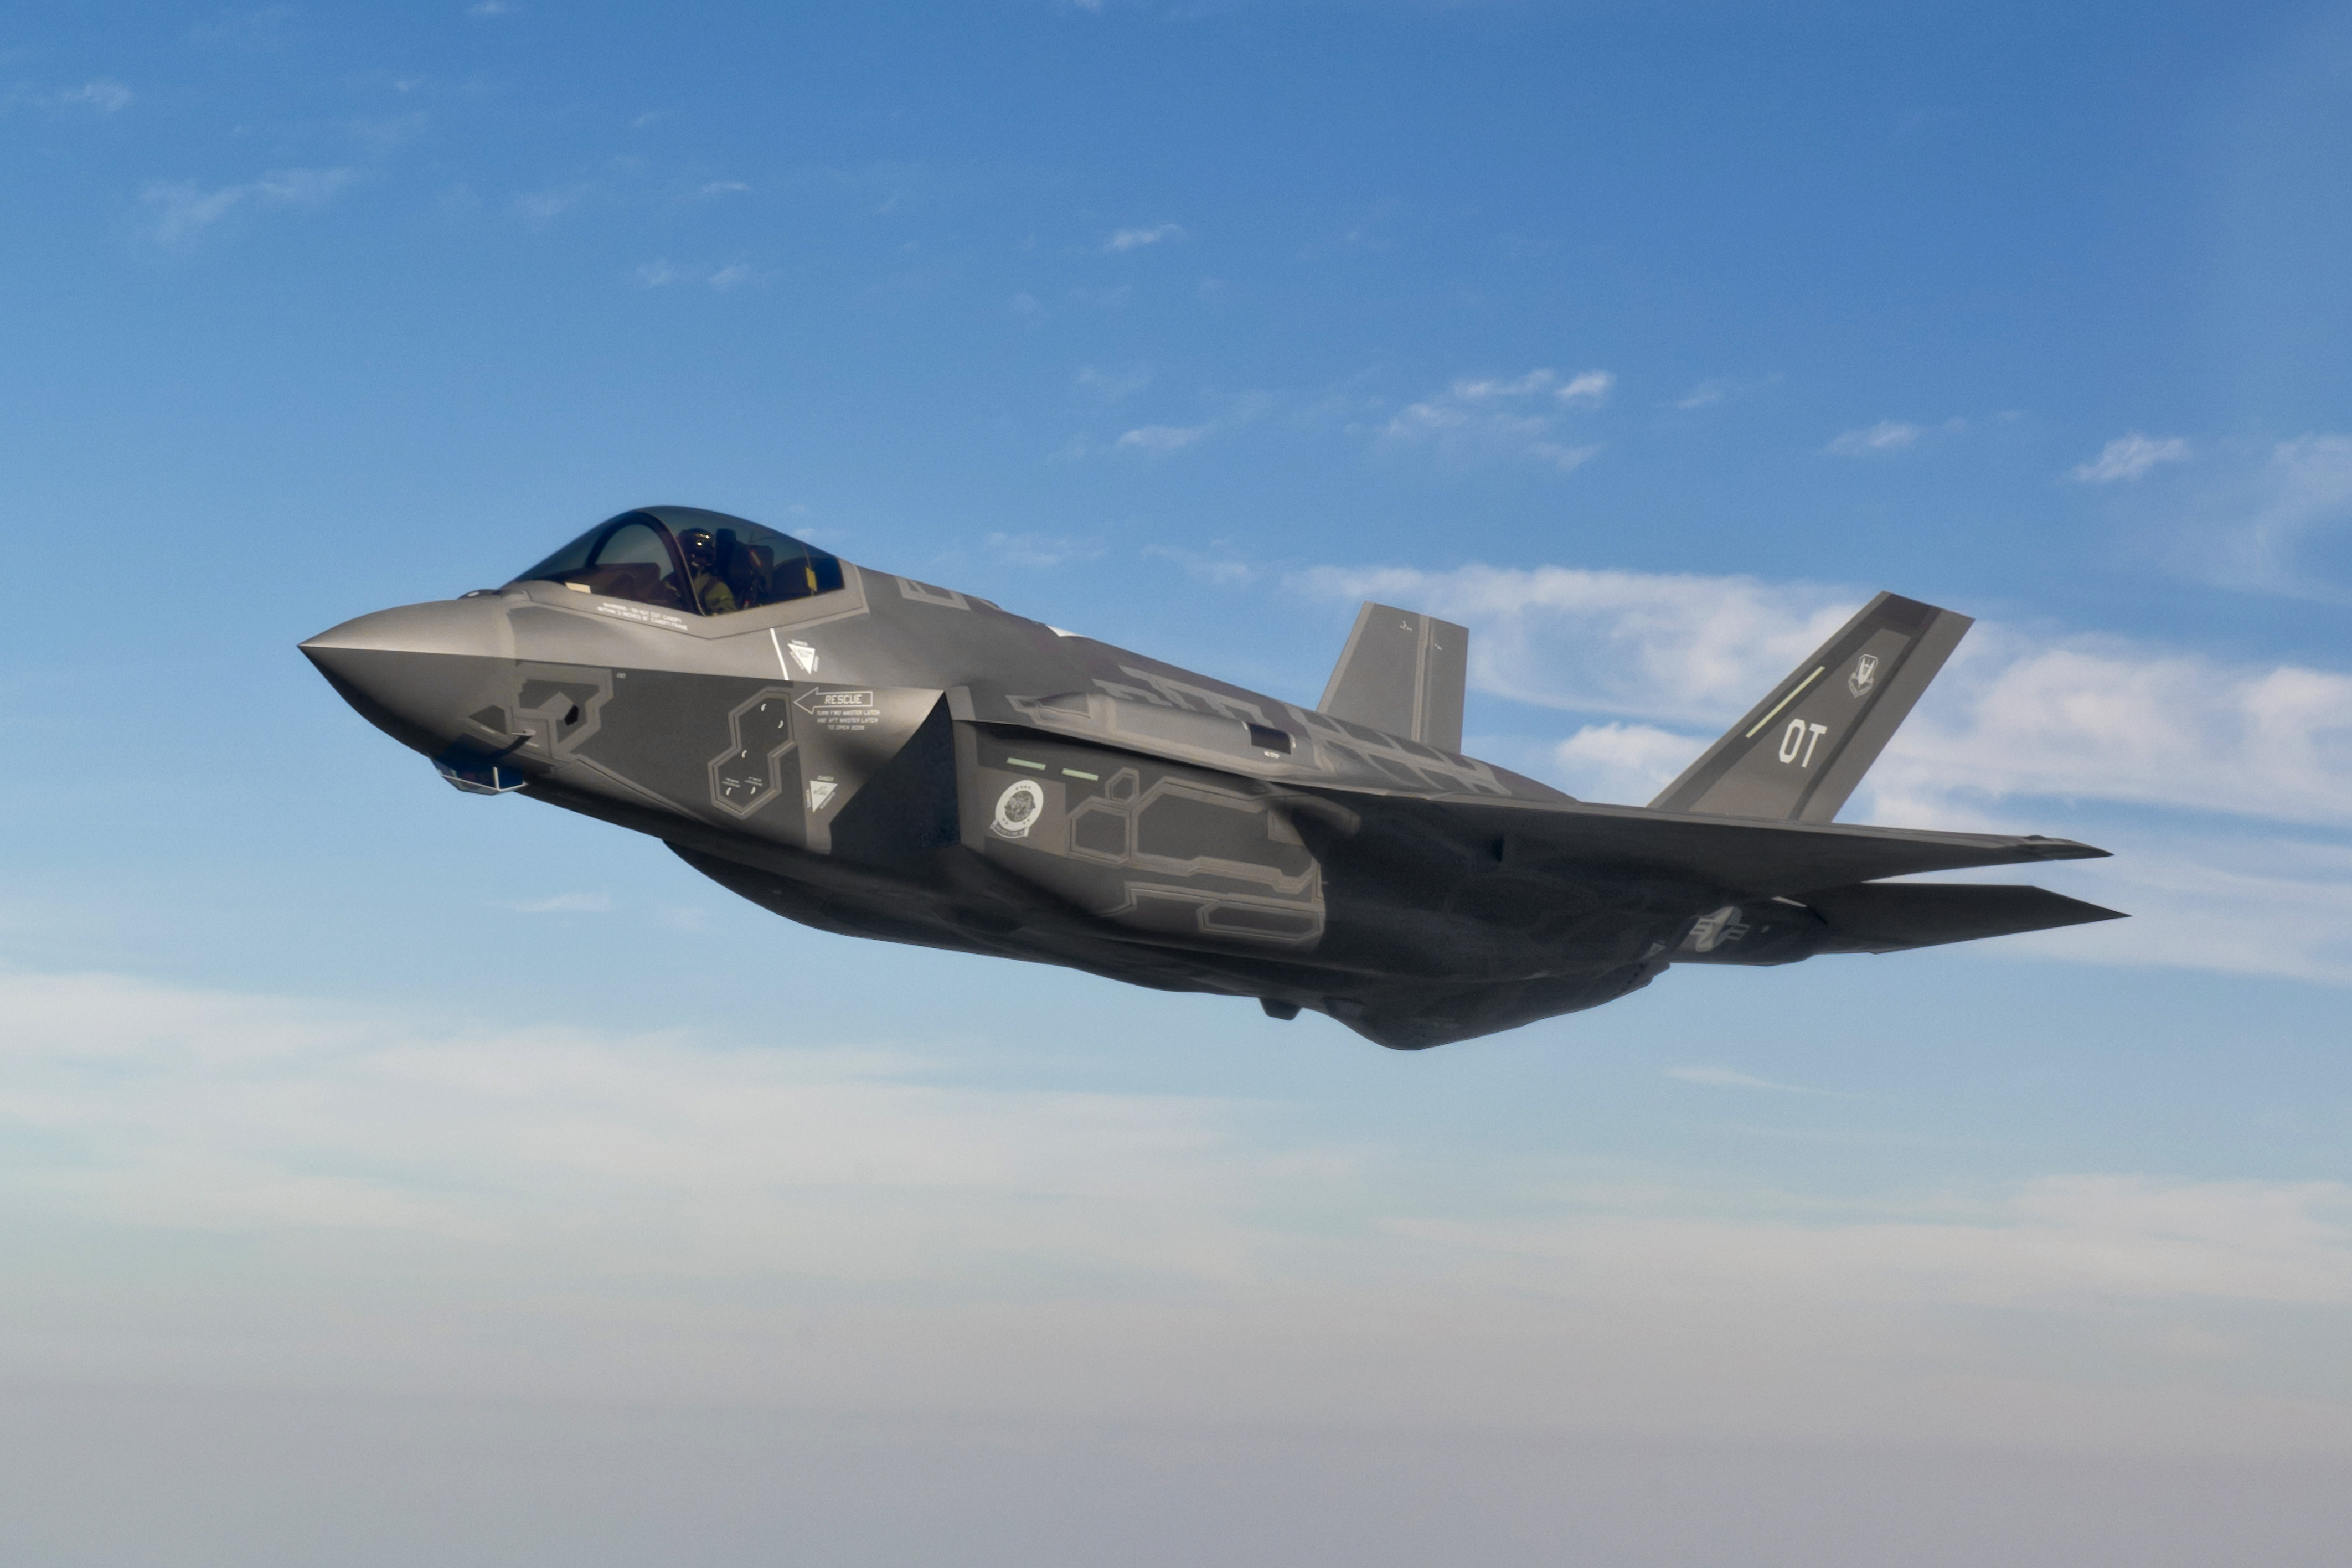 Французские Rafale «пощупают» хваленый F-35 в небе над Соединенными Штатами